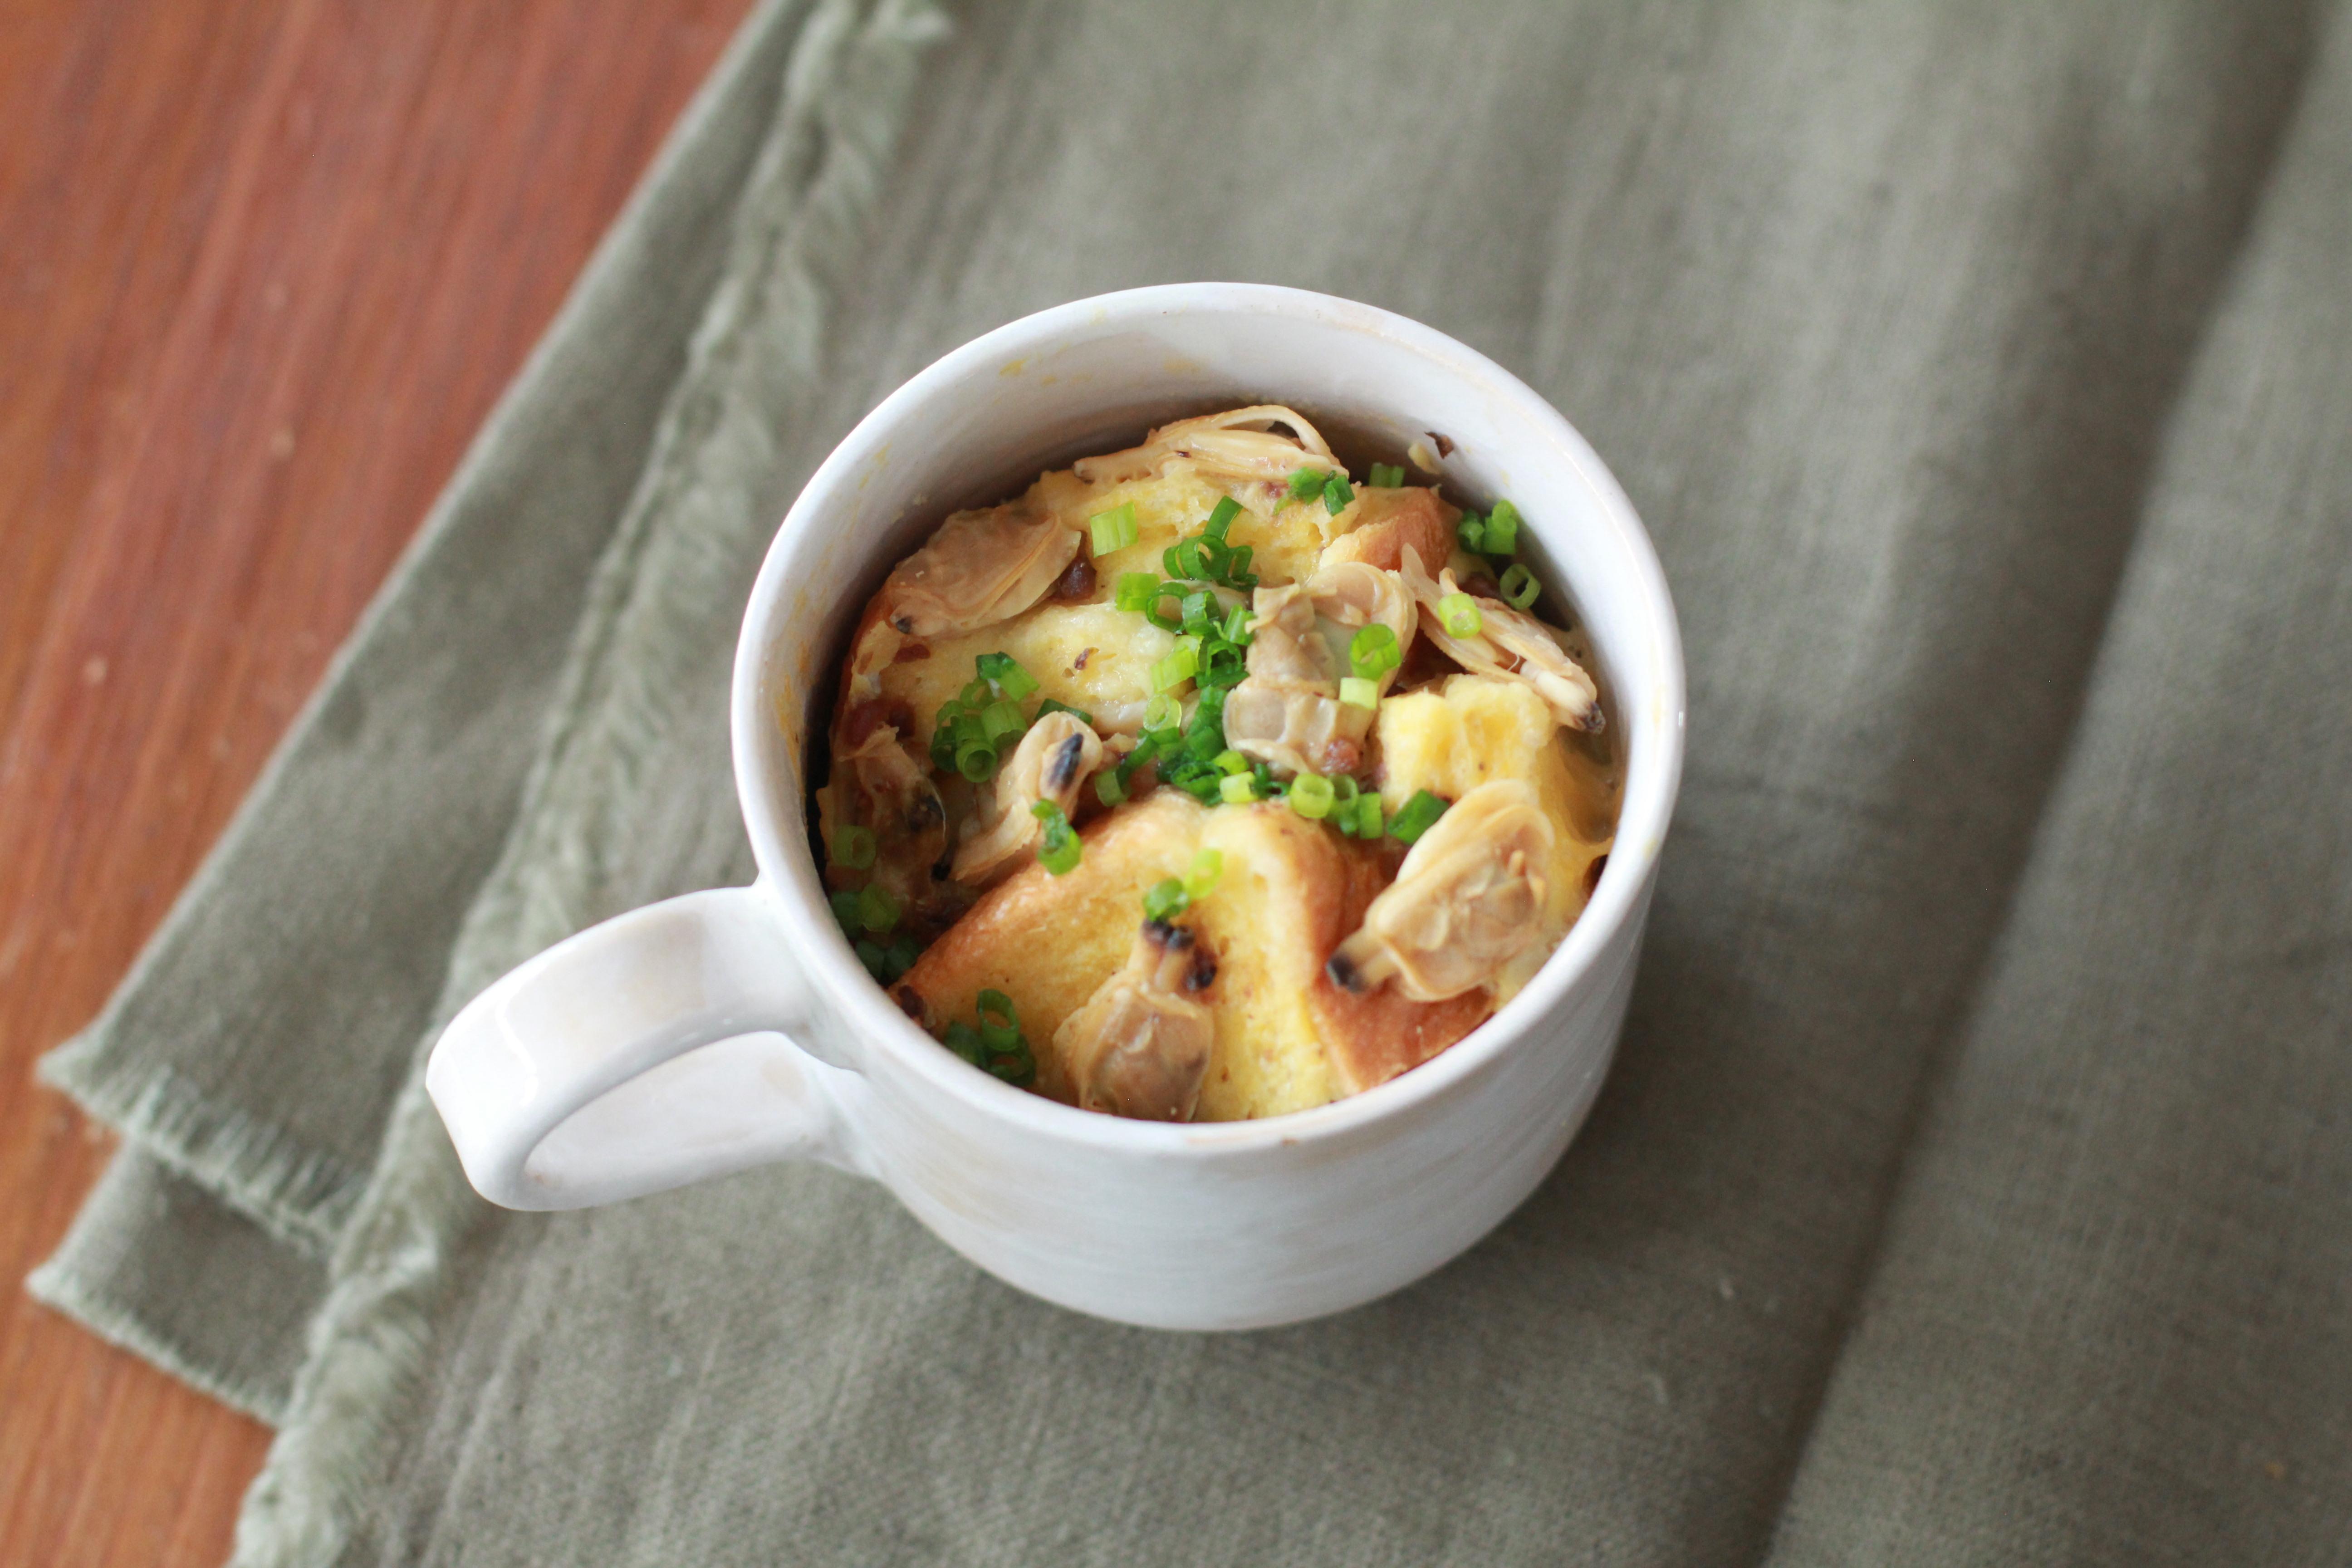 朝からとりたい栄養素がサクッと!マグカップでつくるフレンチトースト3選